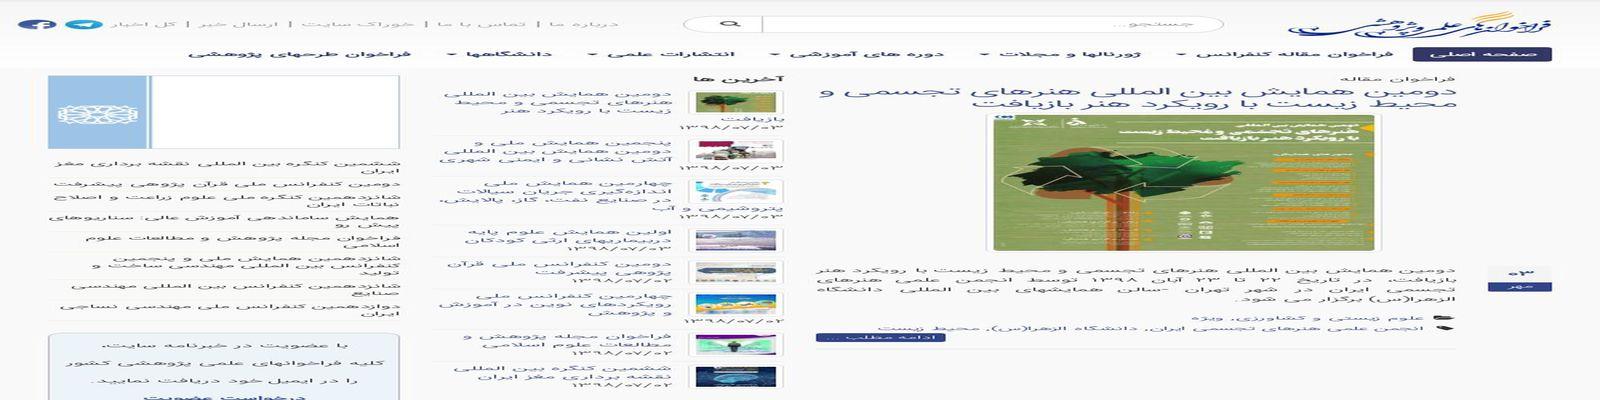 پایگاه فراخوانهای علمی پژوهشی کشور